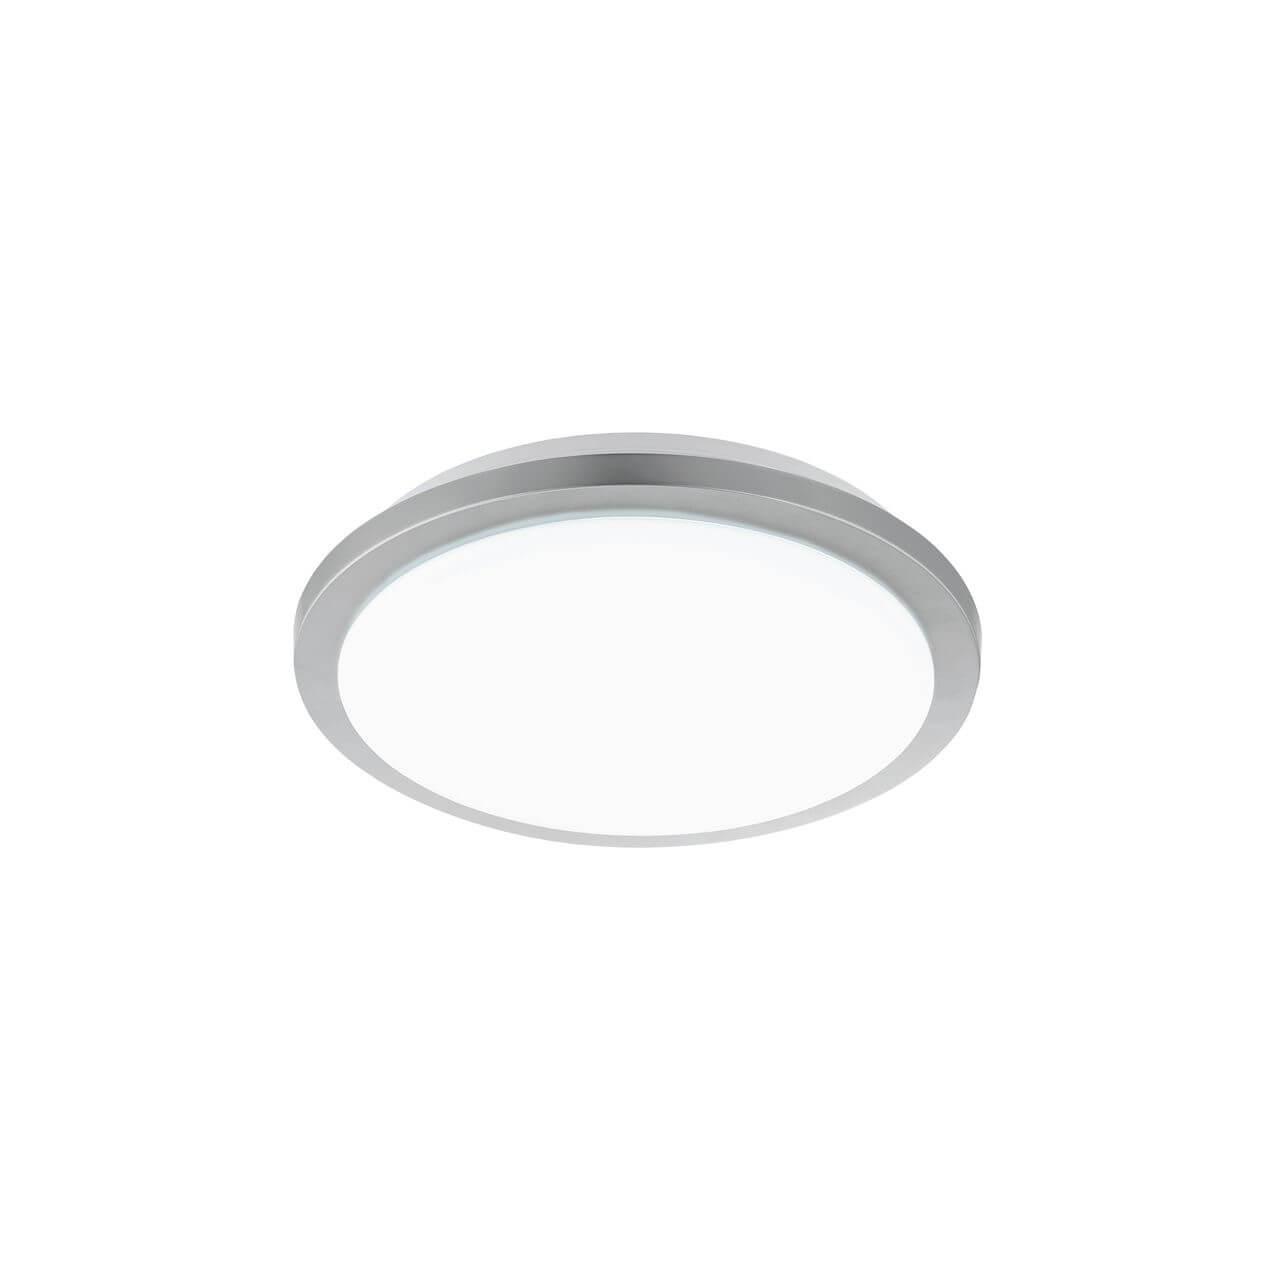 Настенно-потолочный светодиодный светильник Eglo Competa-ST 97324 настенно потолочный светодиодный светильник eglo competa 1 st 97752